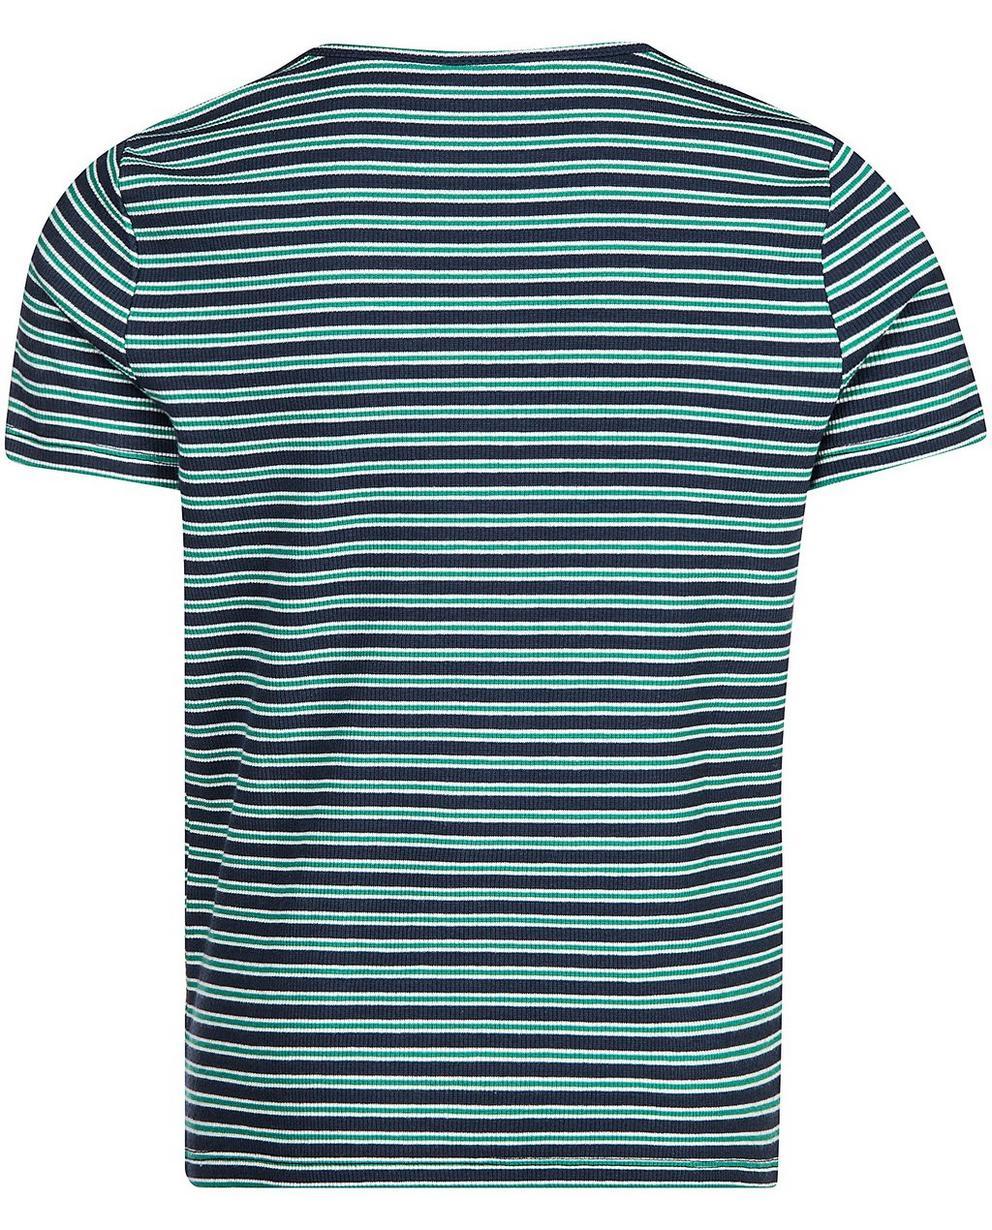 T-Shirts - AO1 - Gestreiftes T-Shirt